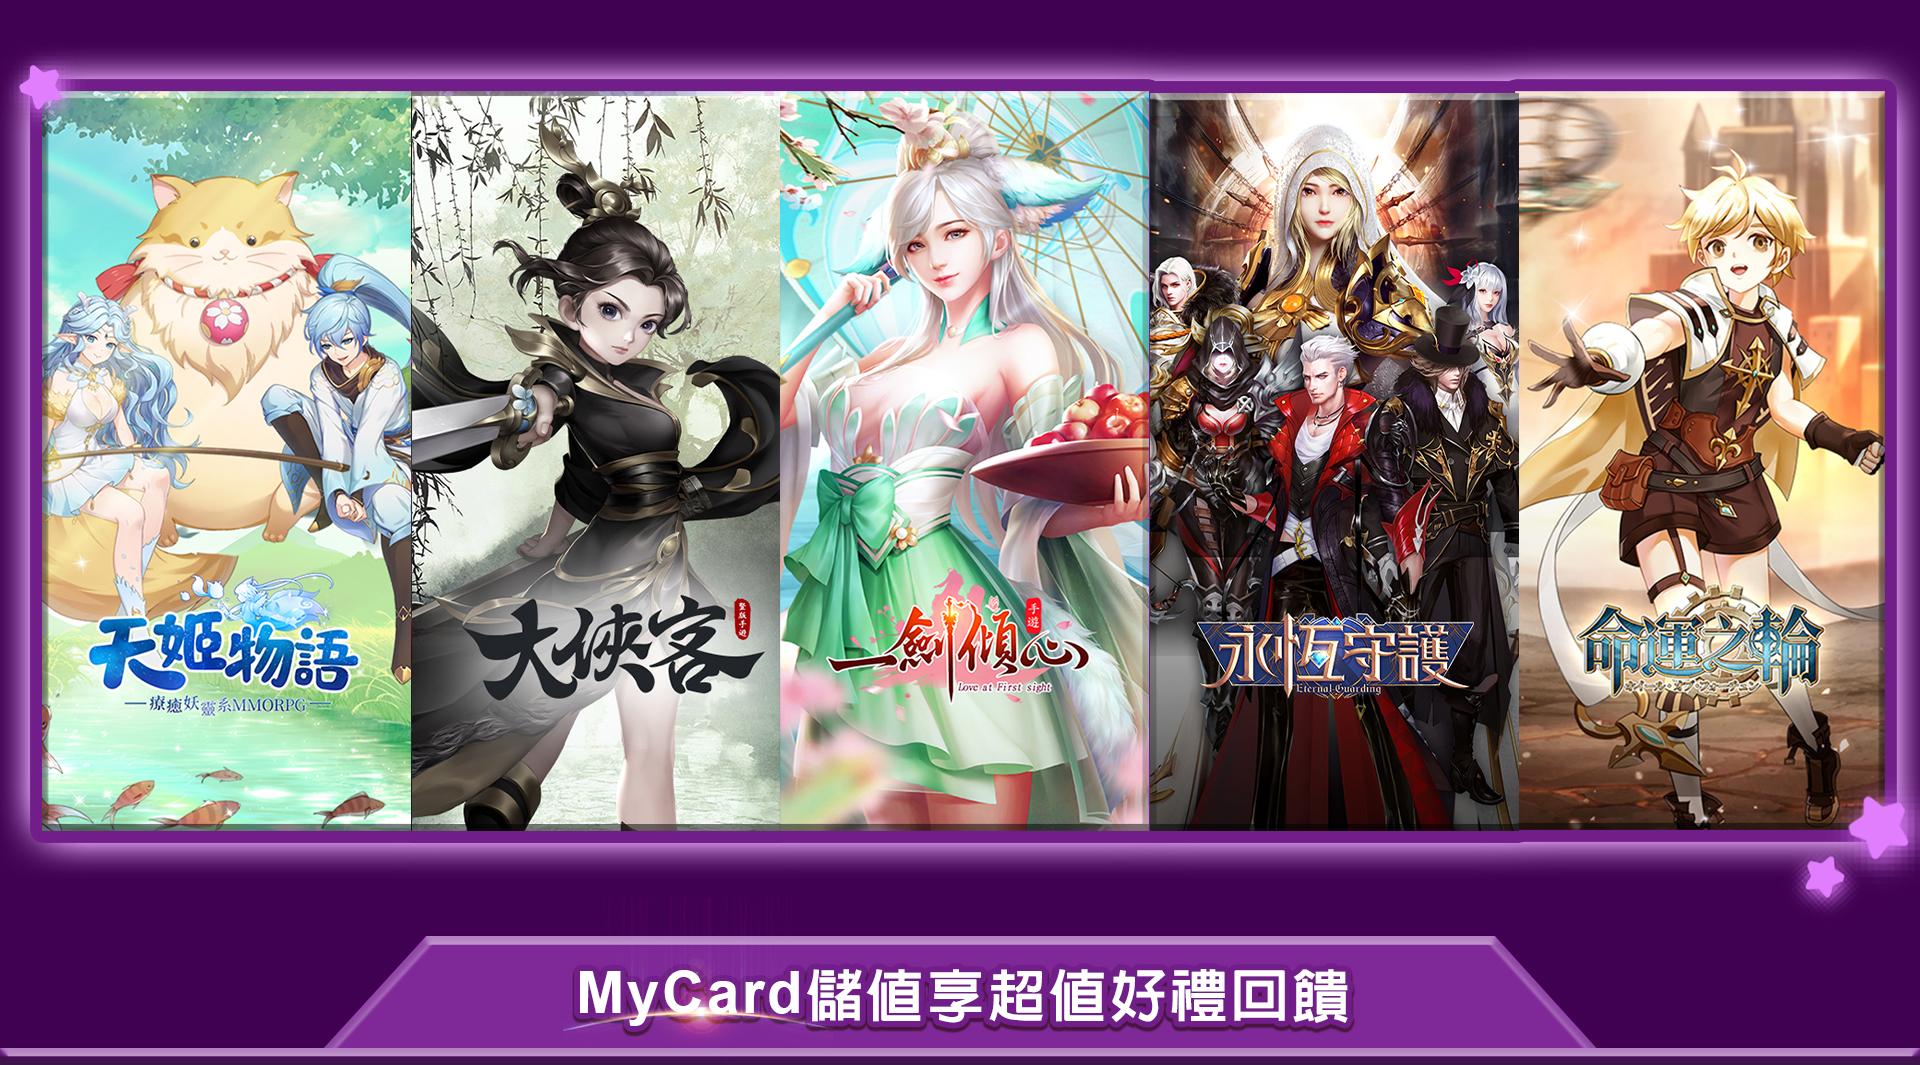 《四三九九》MyCard儲值享超值好禮回饋 2021 3月